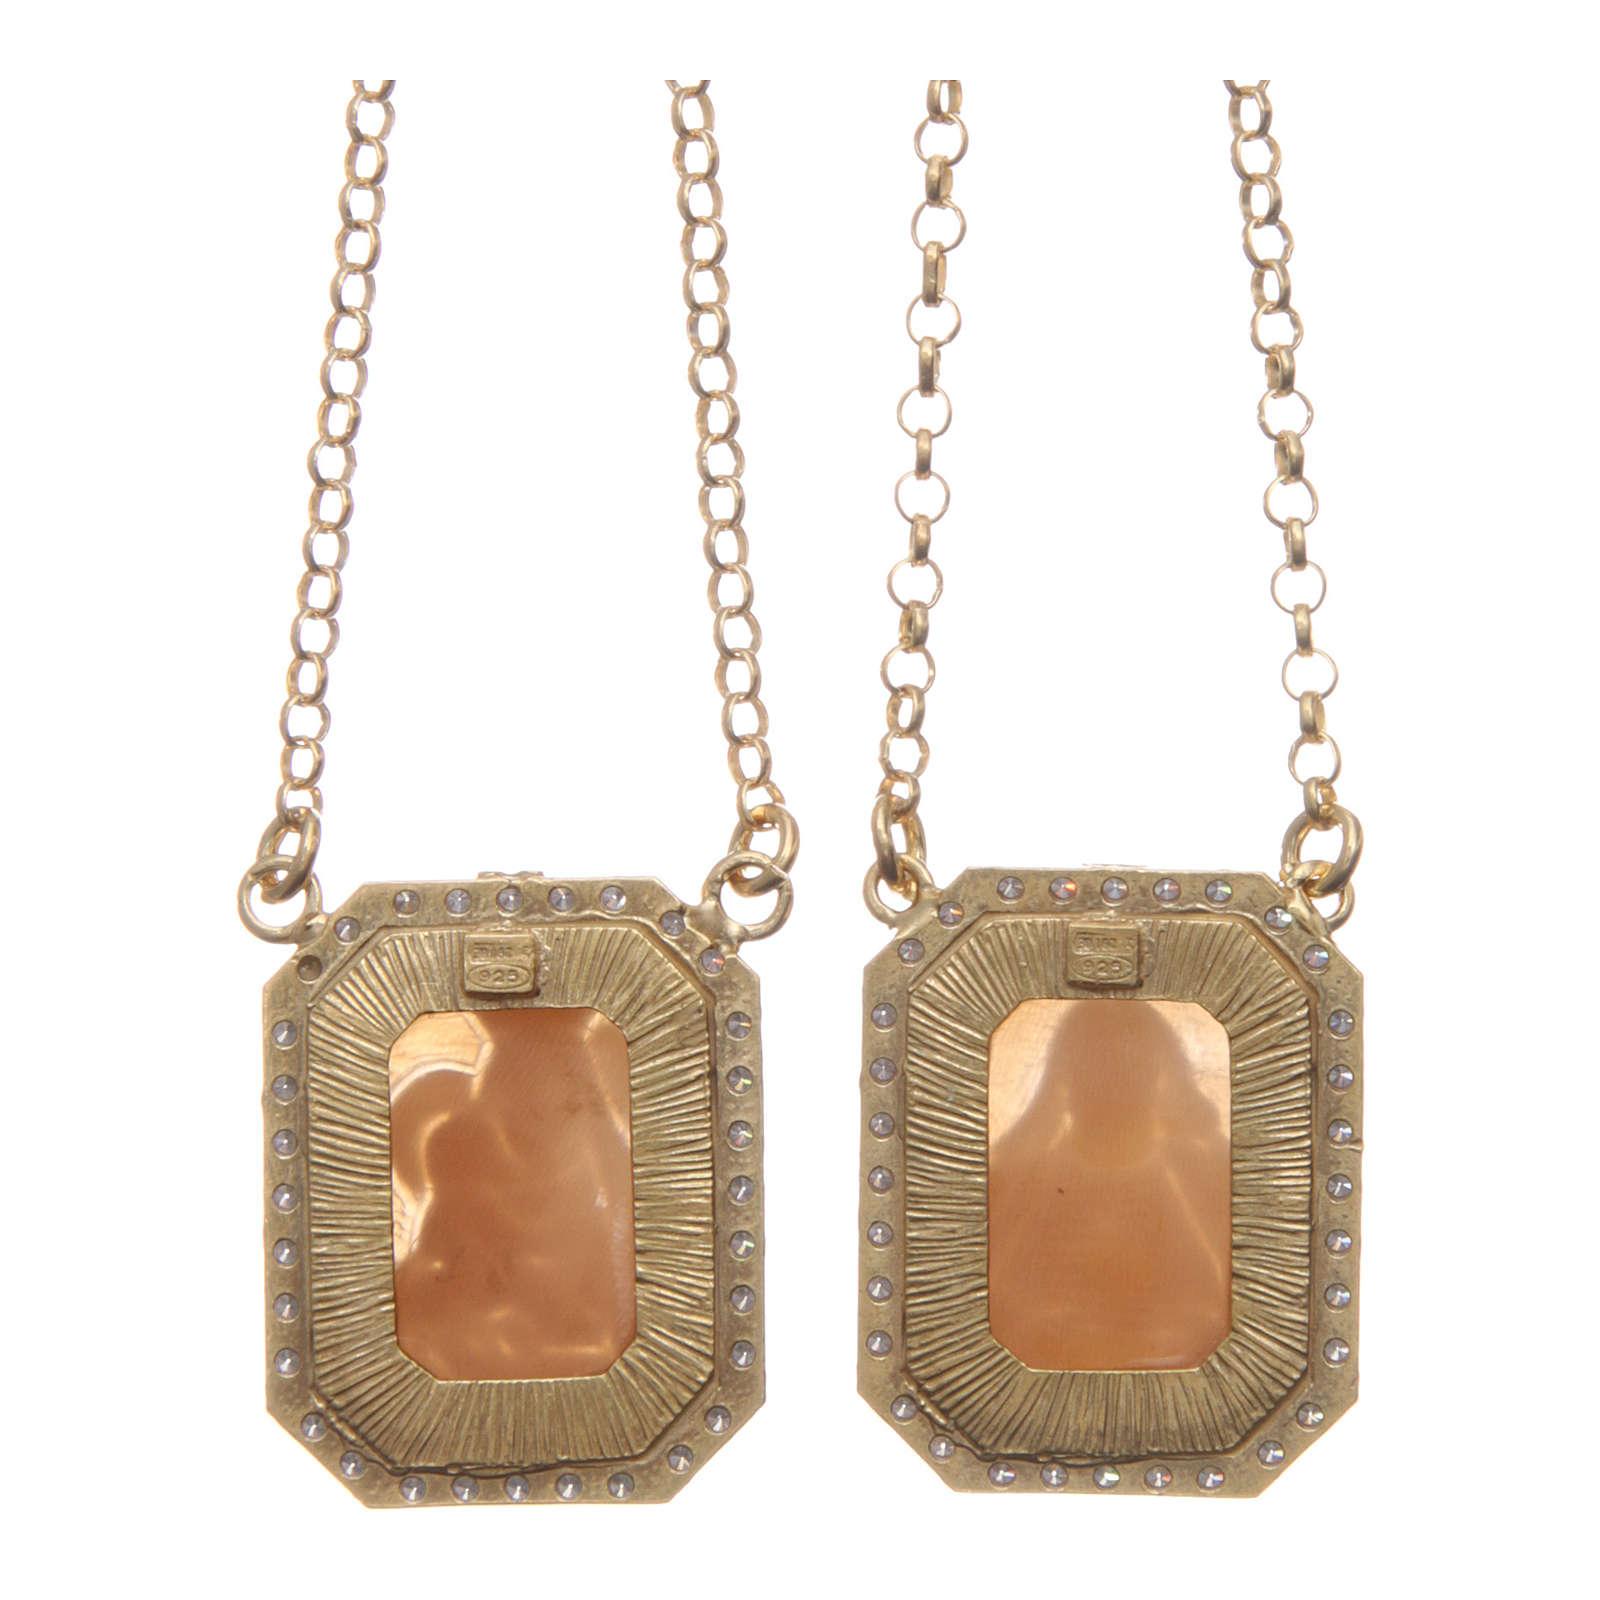 Collana scapolare argento 925 dorato medaglie ottagonali zirconi bianchi e cammei 4